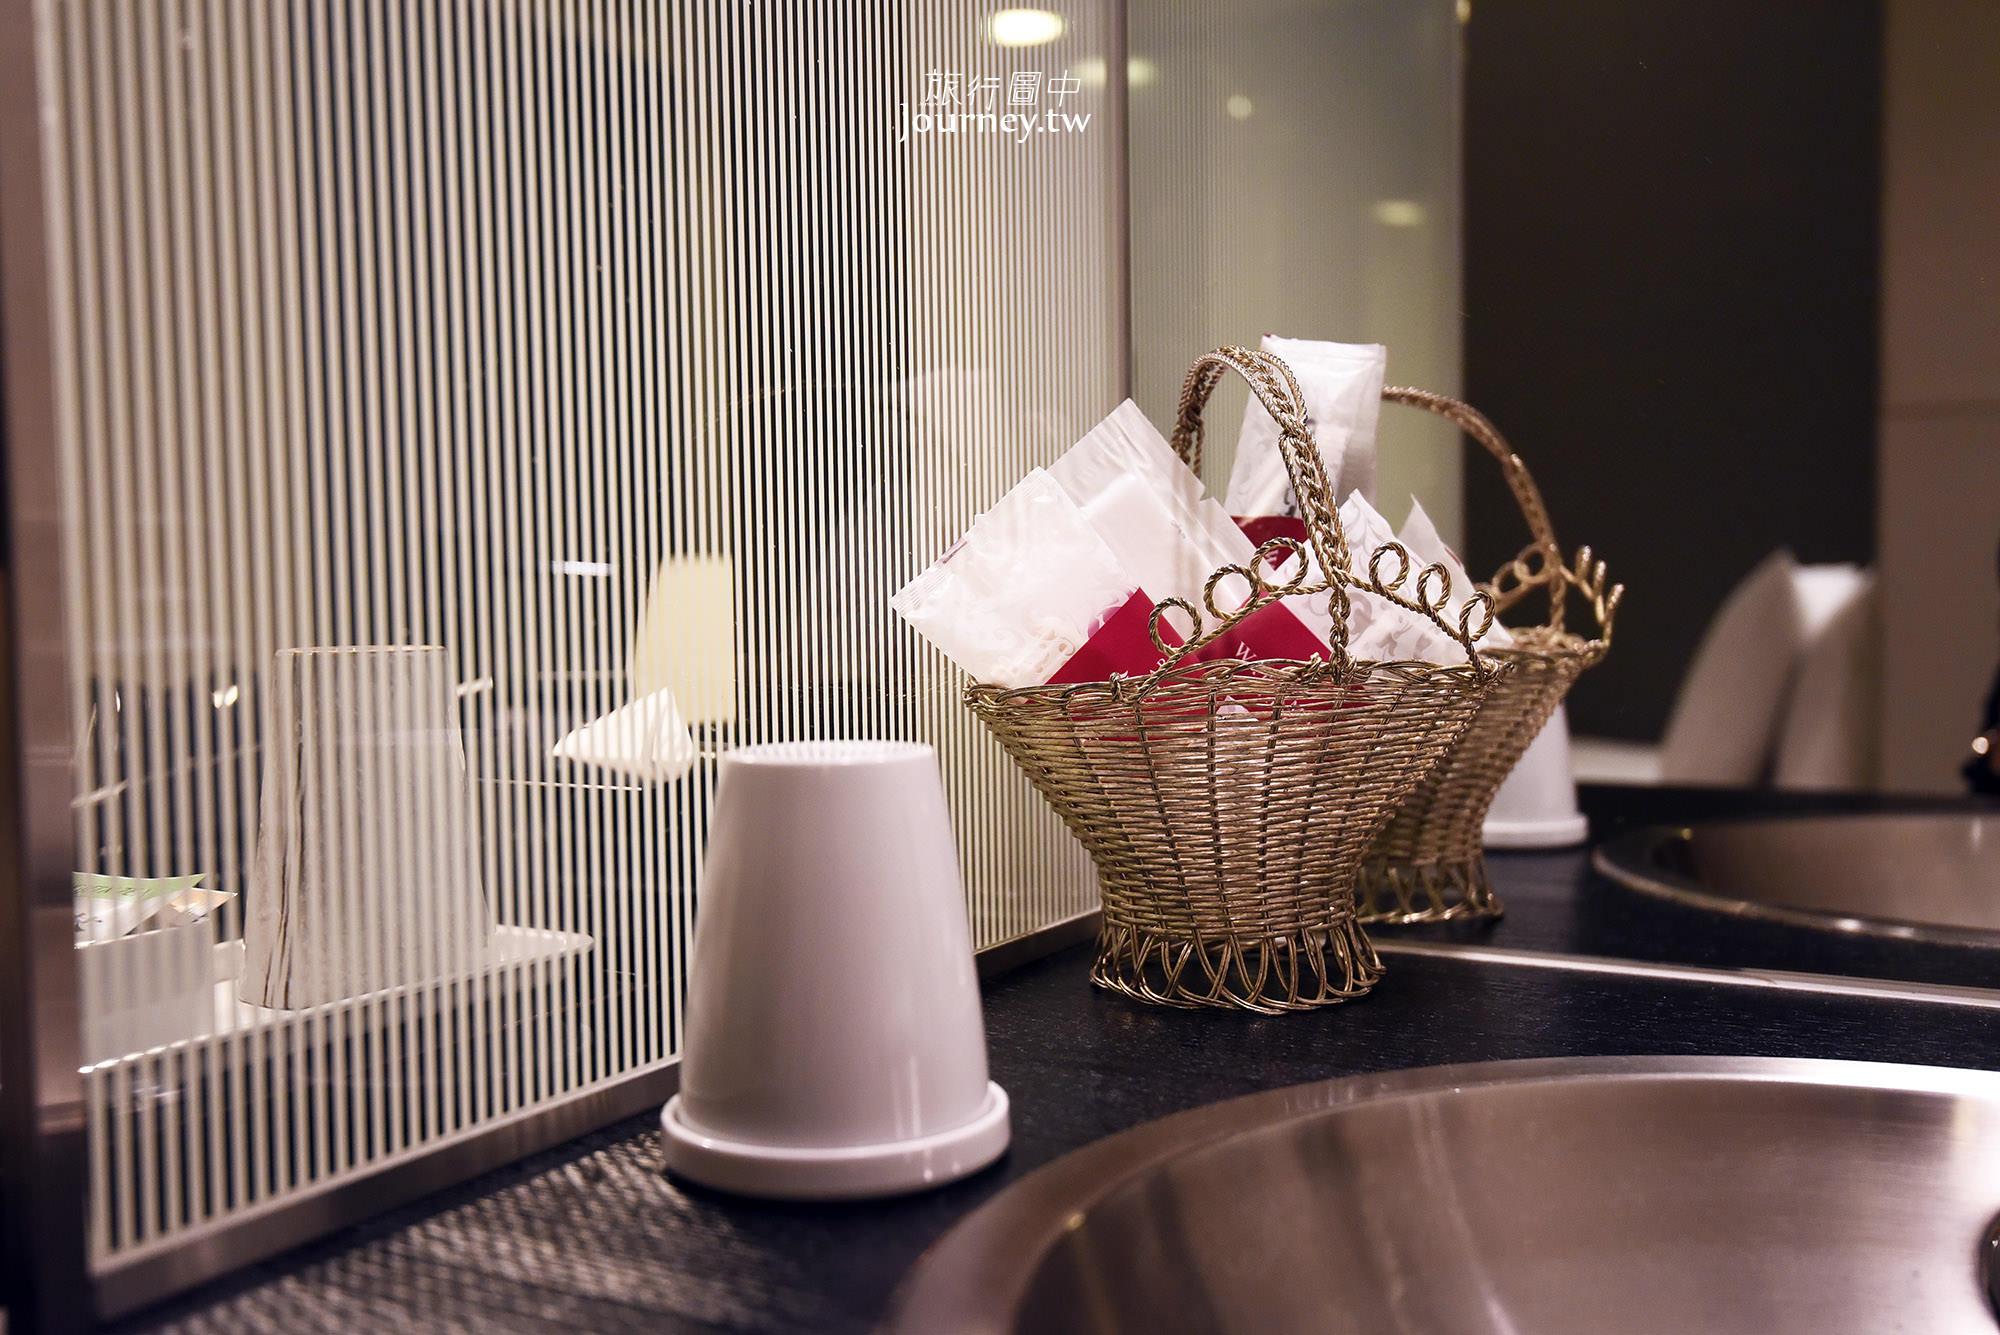 北海道,札幌住宿,浮水印飯店,Watermark Hotel Sapporo